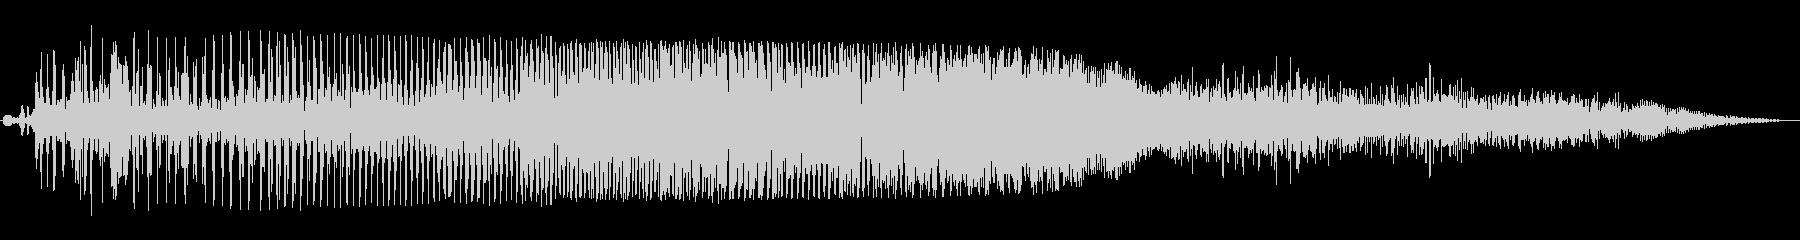 ブ〜ブル〜ン(オートバイのエンジン音)の未再生の波形